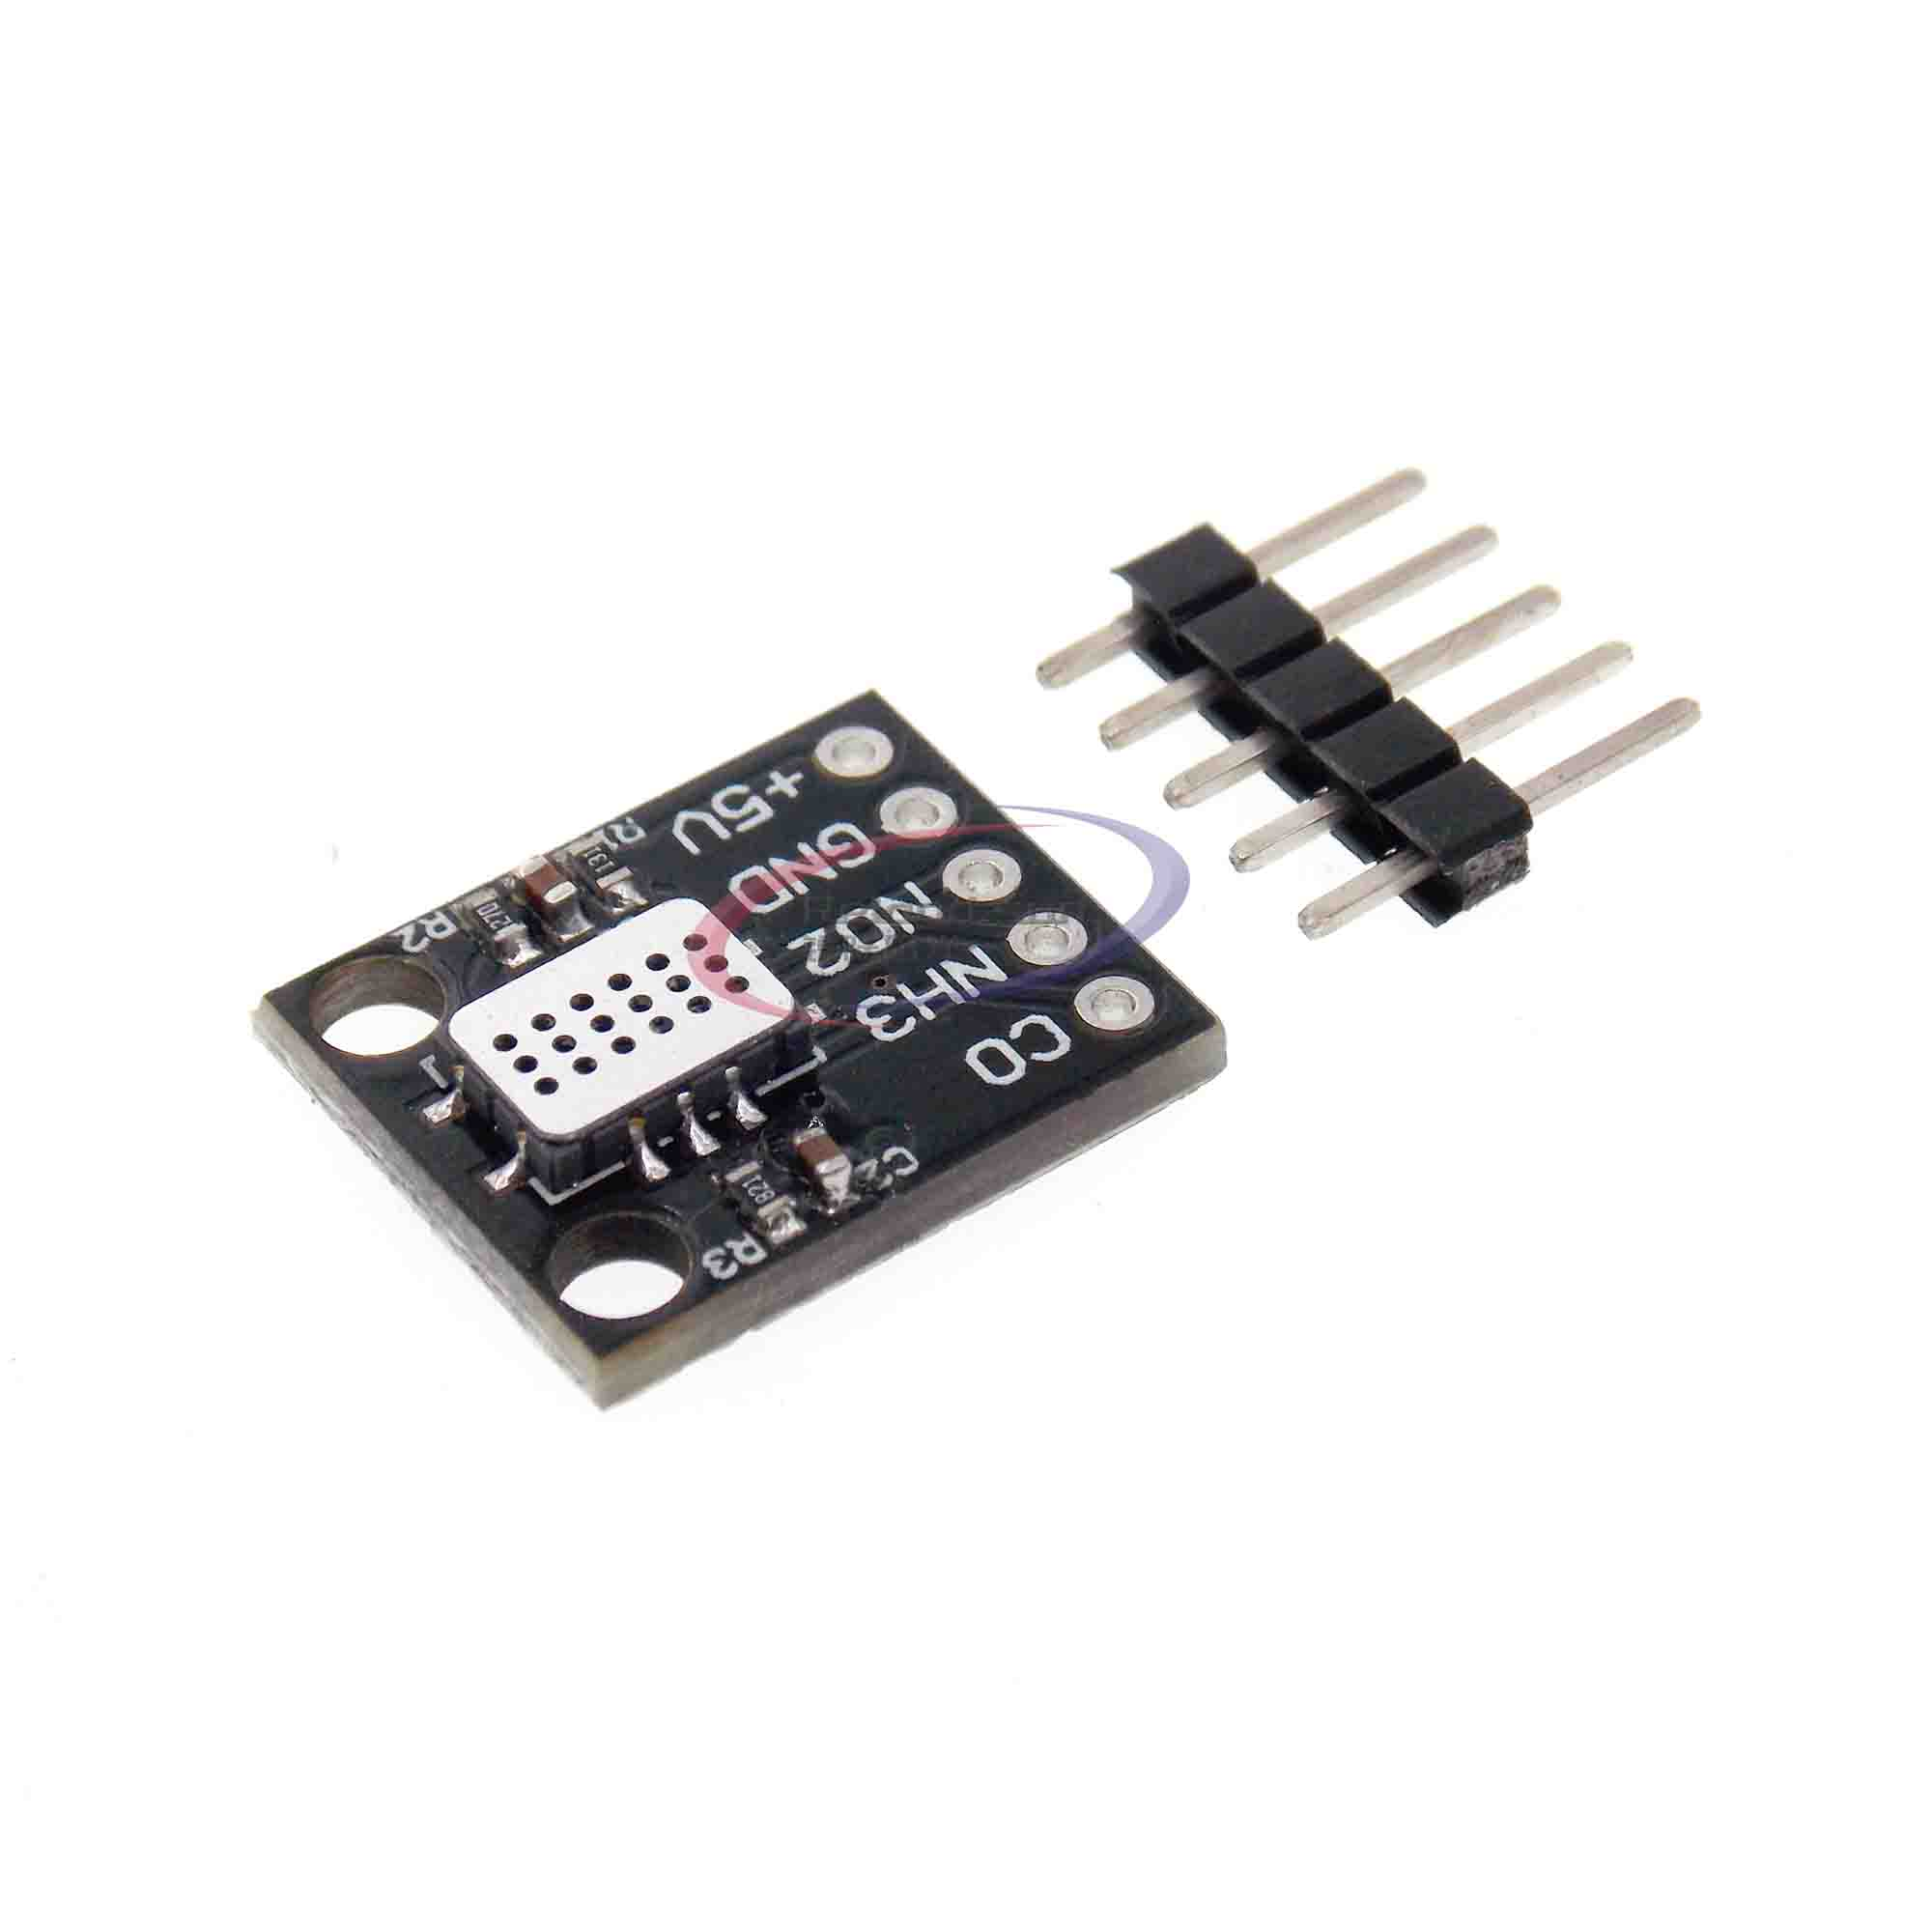 Módulo Sensor de Gas MICS-6814, detección de Gas, monóxido de carbono CO/dióxido de nitrógeno NO2/amoniaco NH3, Sensor para Arduino